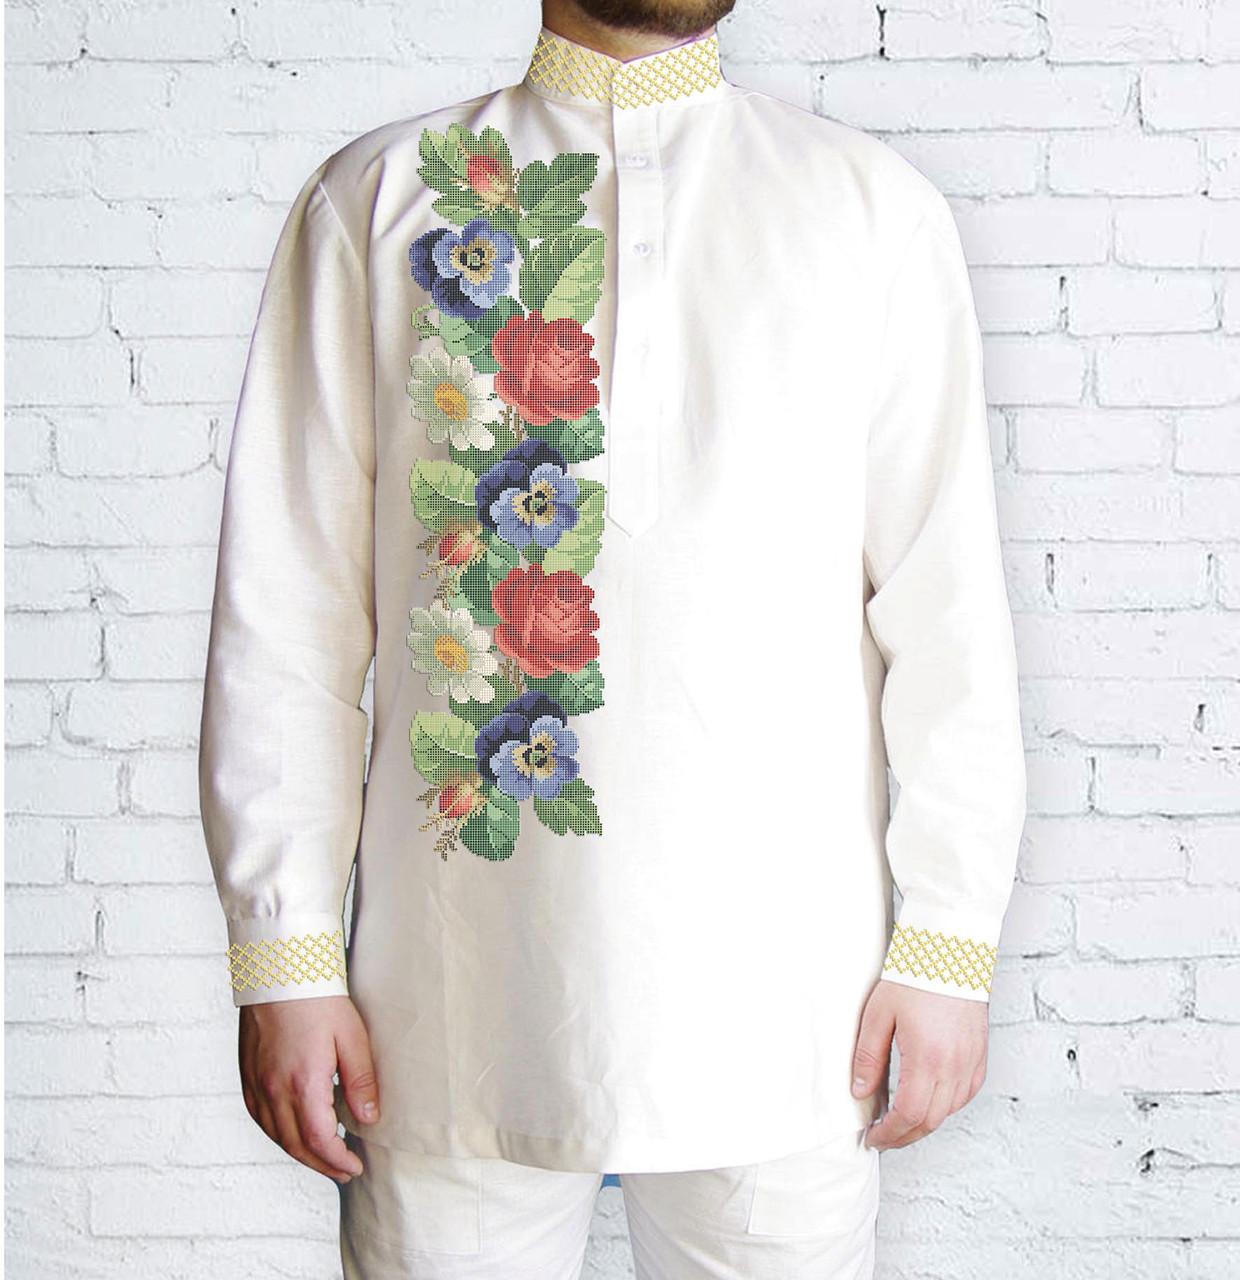 Заготовка мужской рубашки / вышиванки / сорочки для вышивки / вышивания бисером или нитками «Аромат літа»